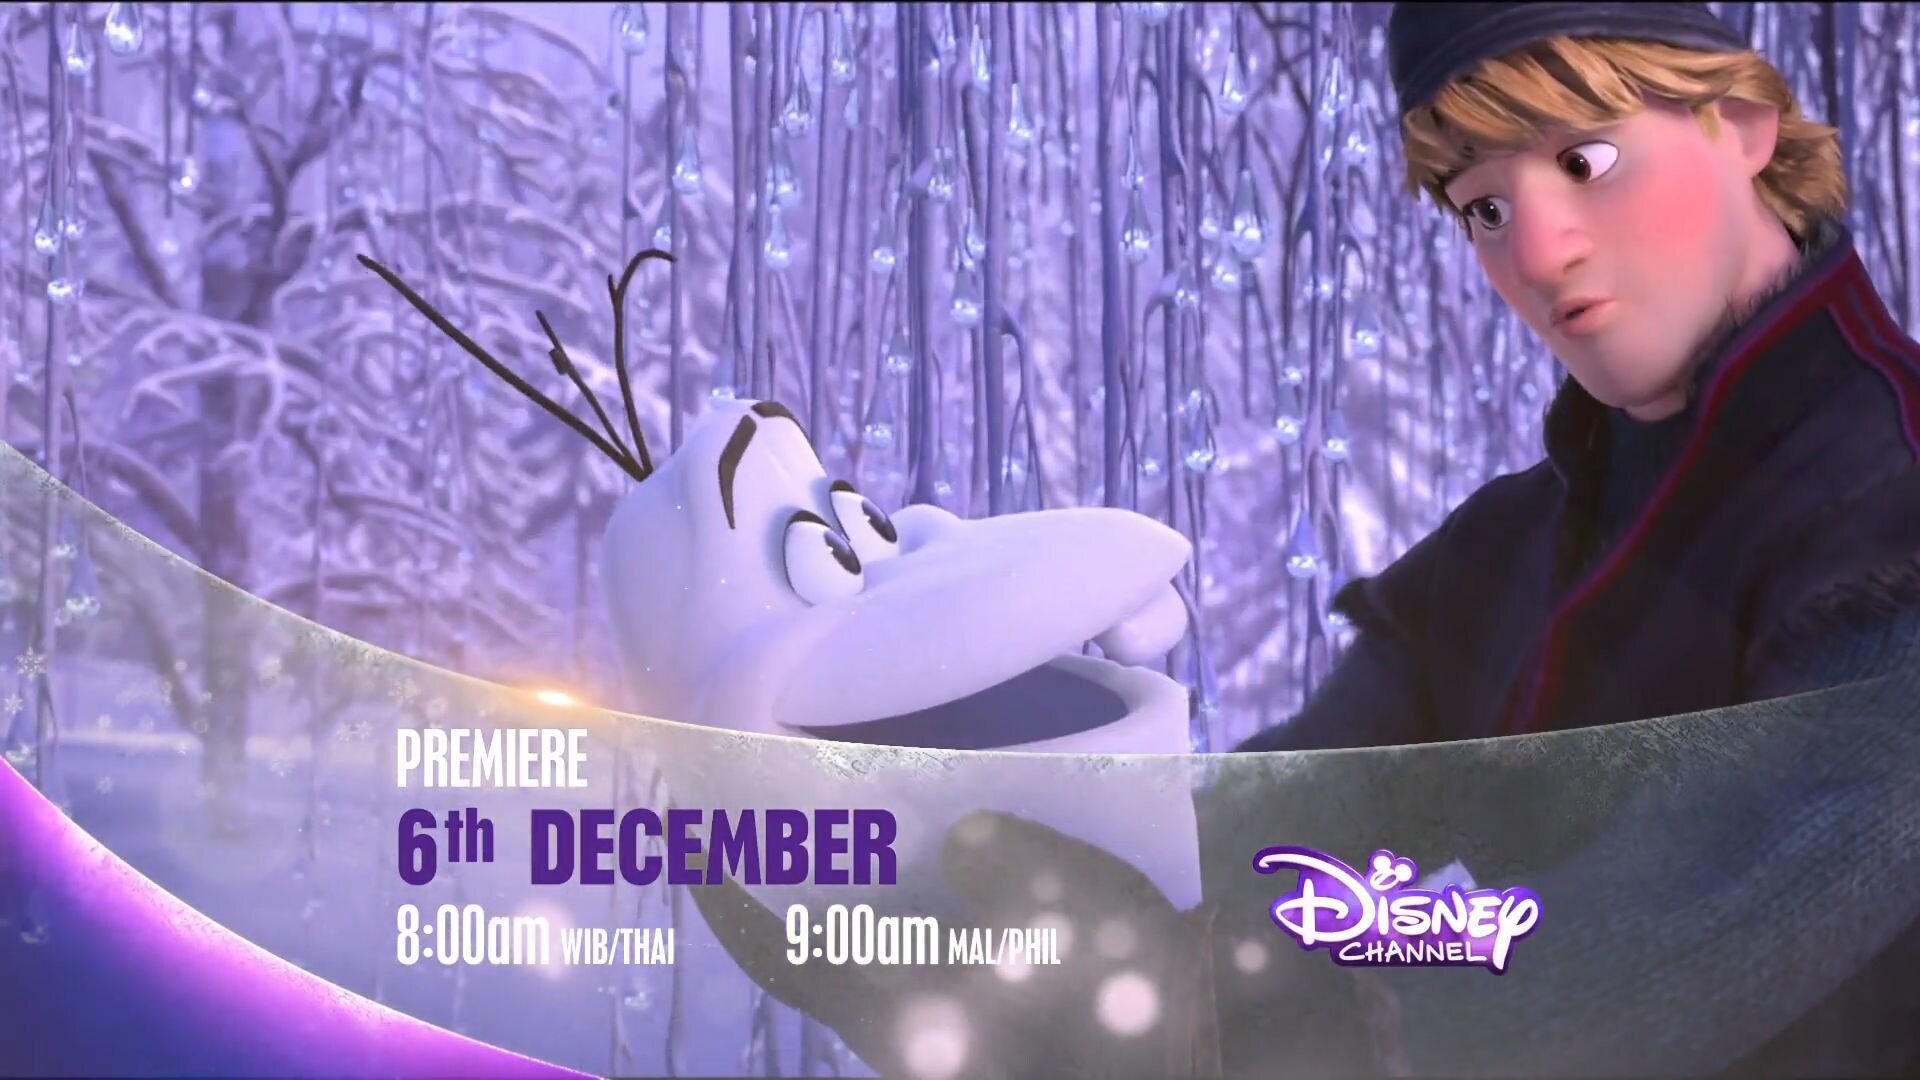 Disney's Frozen Premiere on Disney Channel